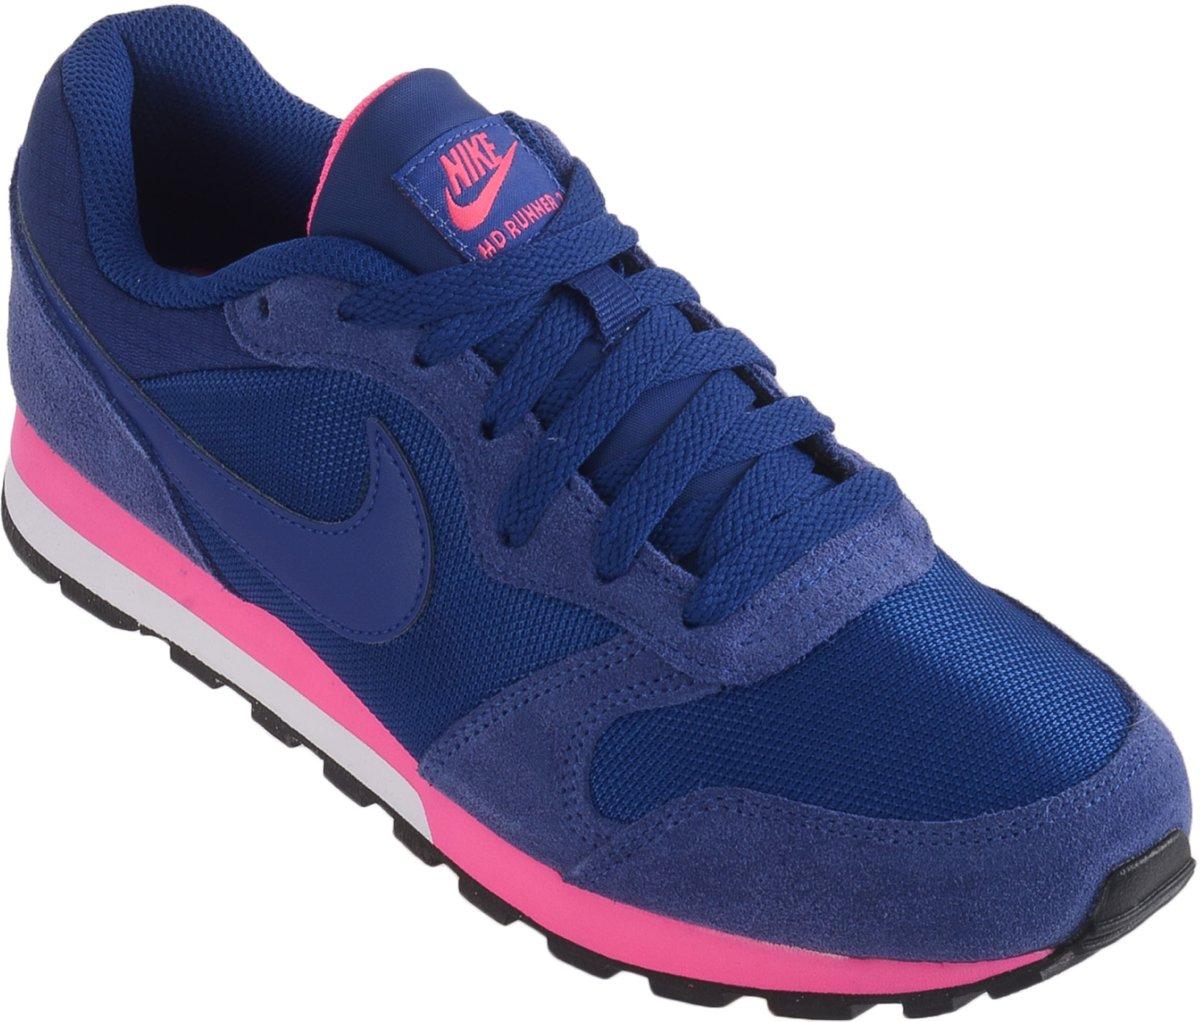 Nike Schoenen Blauw Roze